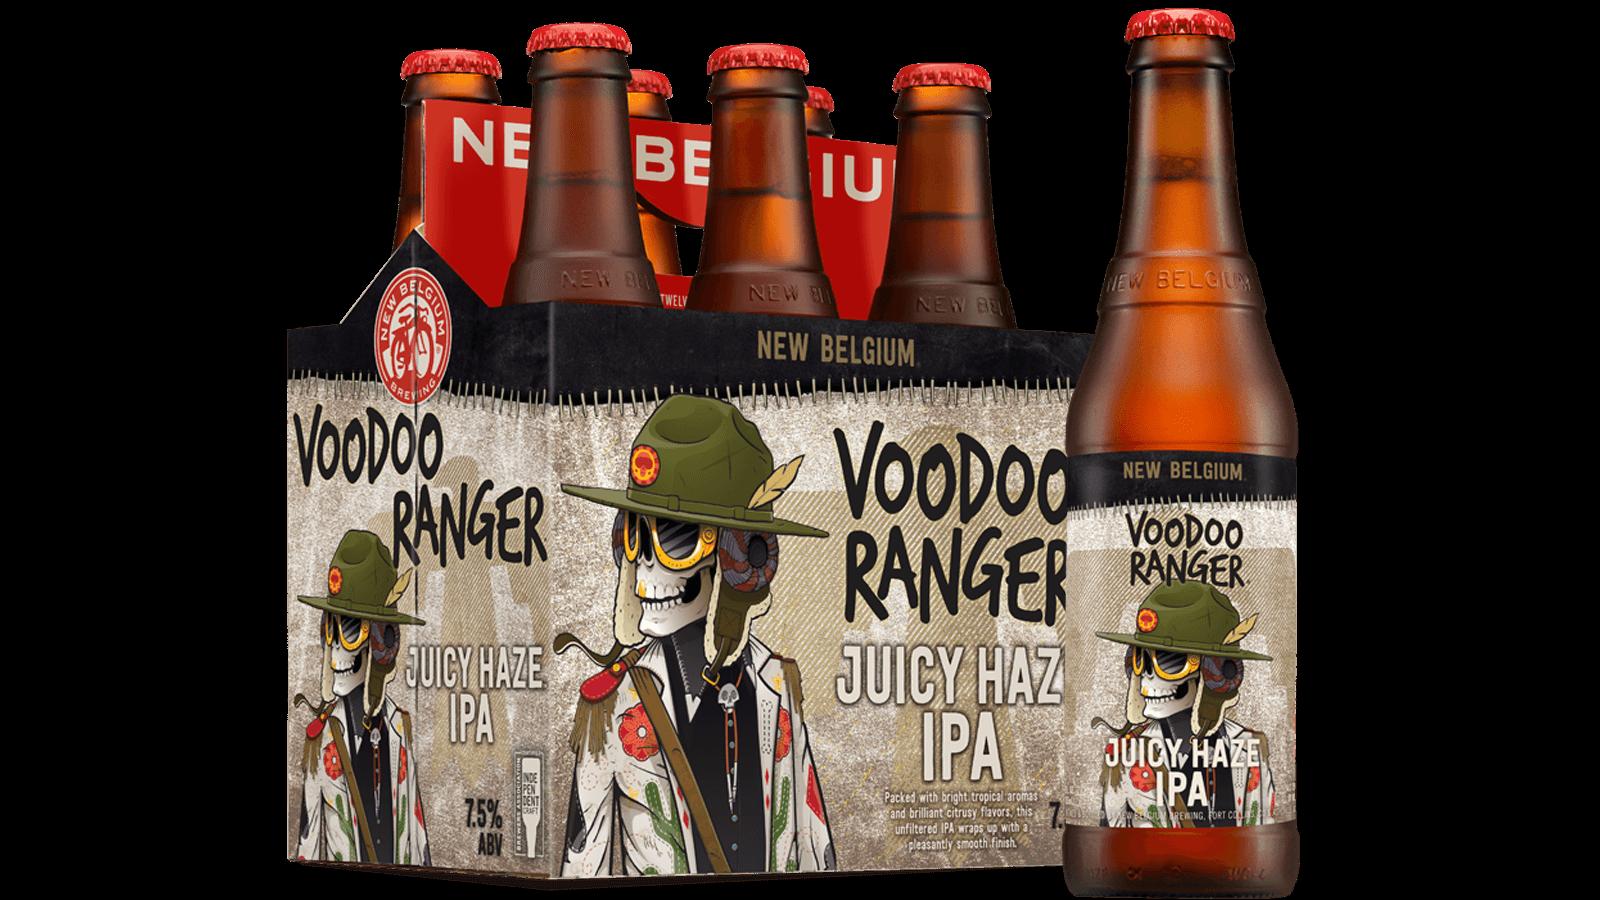 New Belgium Voodoo Ranger Juicy Haze IPA.